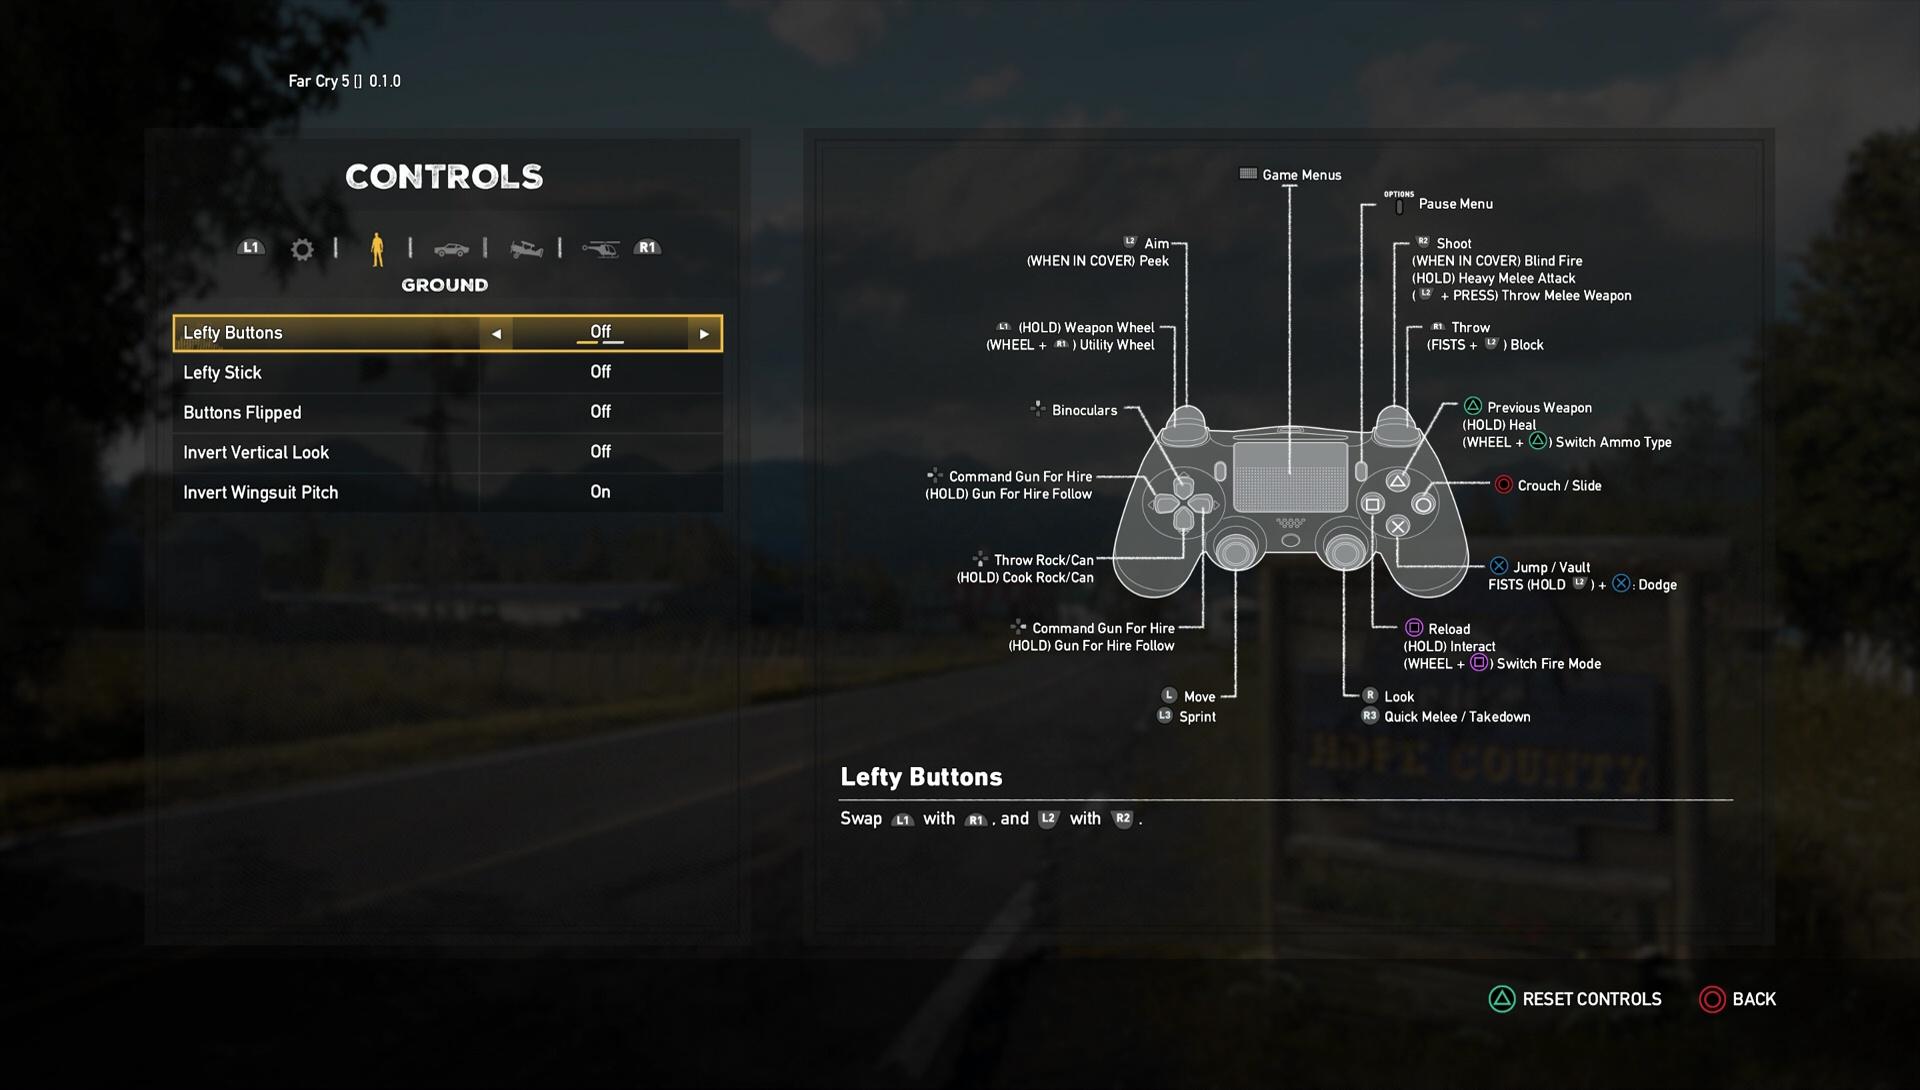 far cry 5 controls list